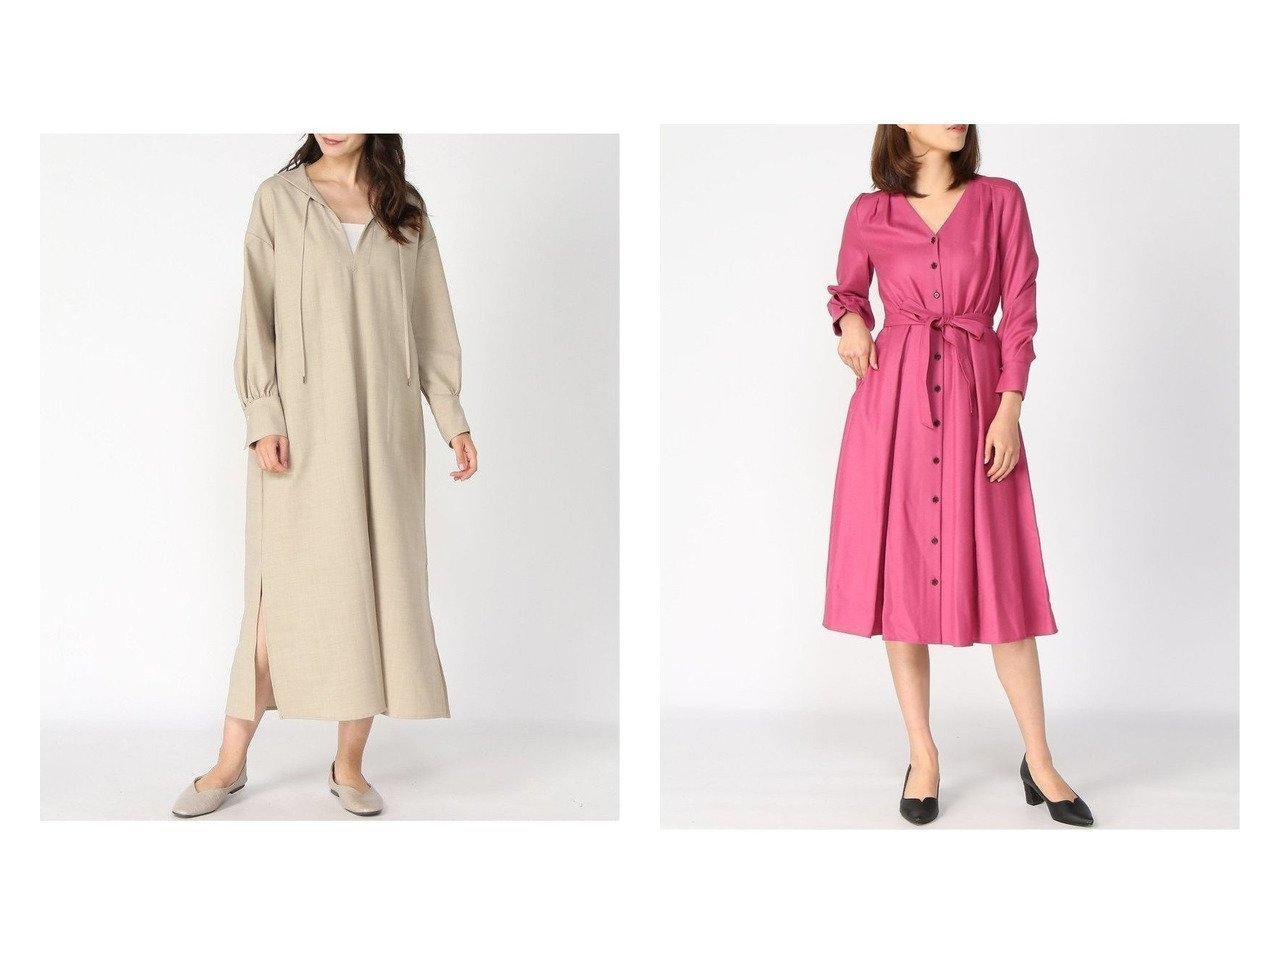 【ANAYI/アナイ】のSウールジョーゼットVネックワンピース&【NOBLE / Spick & Span/ノーブル / スピック&スパン】のセーラーカラーDetail ロングワンピース ワンピース・ドレスのおすすめ!人気、トレンド・レディースファッションの通販  おすすめで人気の流行・トレンド、ファッションの通販商品 メンズファッション・キッズファッション・インテリア・家具・レディースファッション・服の通販 founy(ファニー) https://founy.com/ ファッション Fashion レディースファッション WOMEN ワンピース Dress ドット ハイネック バランス ボーダー ロング 冬 Winter A/W 秋冬 AW Autumn/Winter / FW Fall-Winter 2020年 2020 2020-2021 秋冬 A/W AW Autumn/Winter / FW Fall-Winter 2020-2021 ショート ジョーゼット ストール ヨーク リボン 長袖 |ID:crp329100000010182